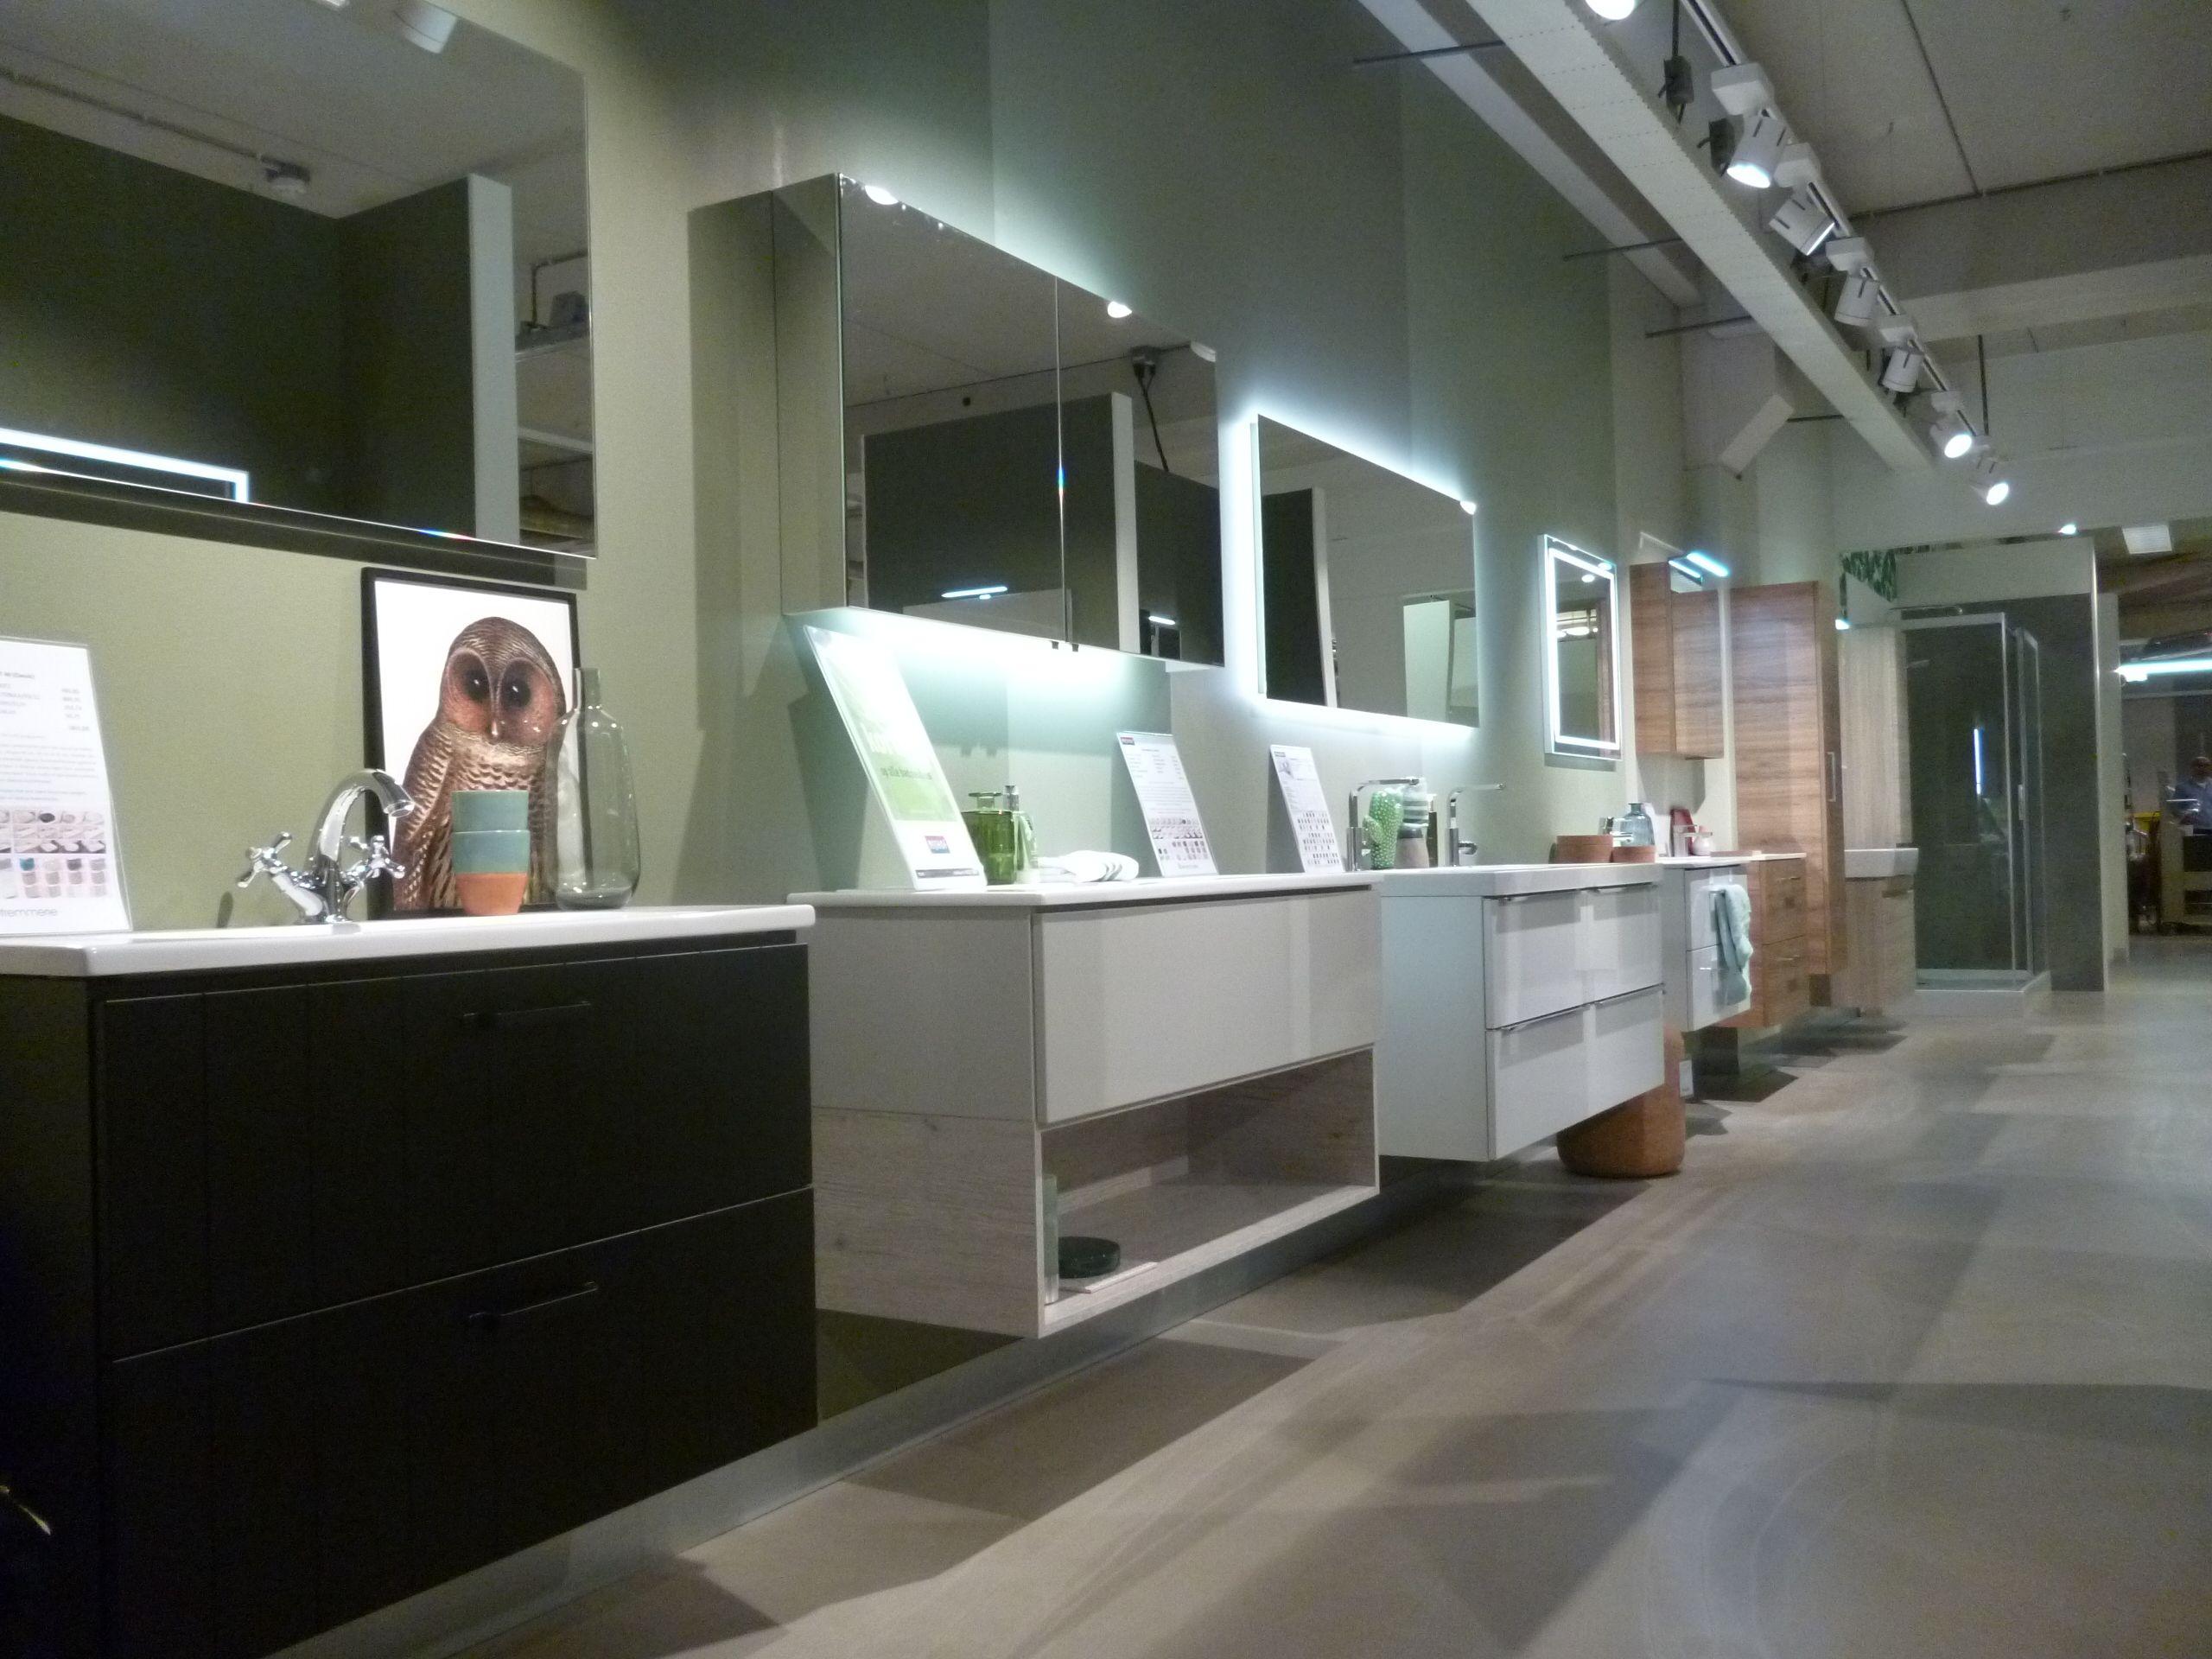 baderie nijhof baarn realisatie store3d deliverexperience